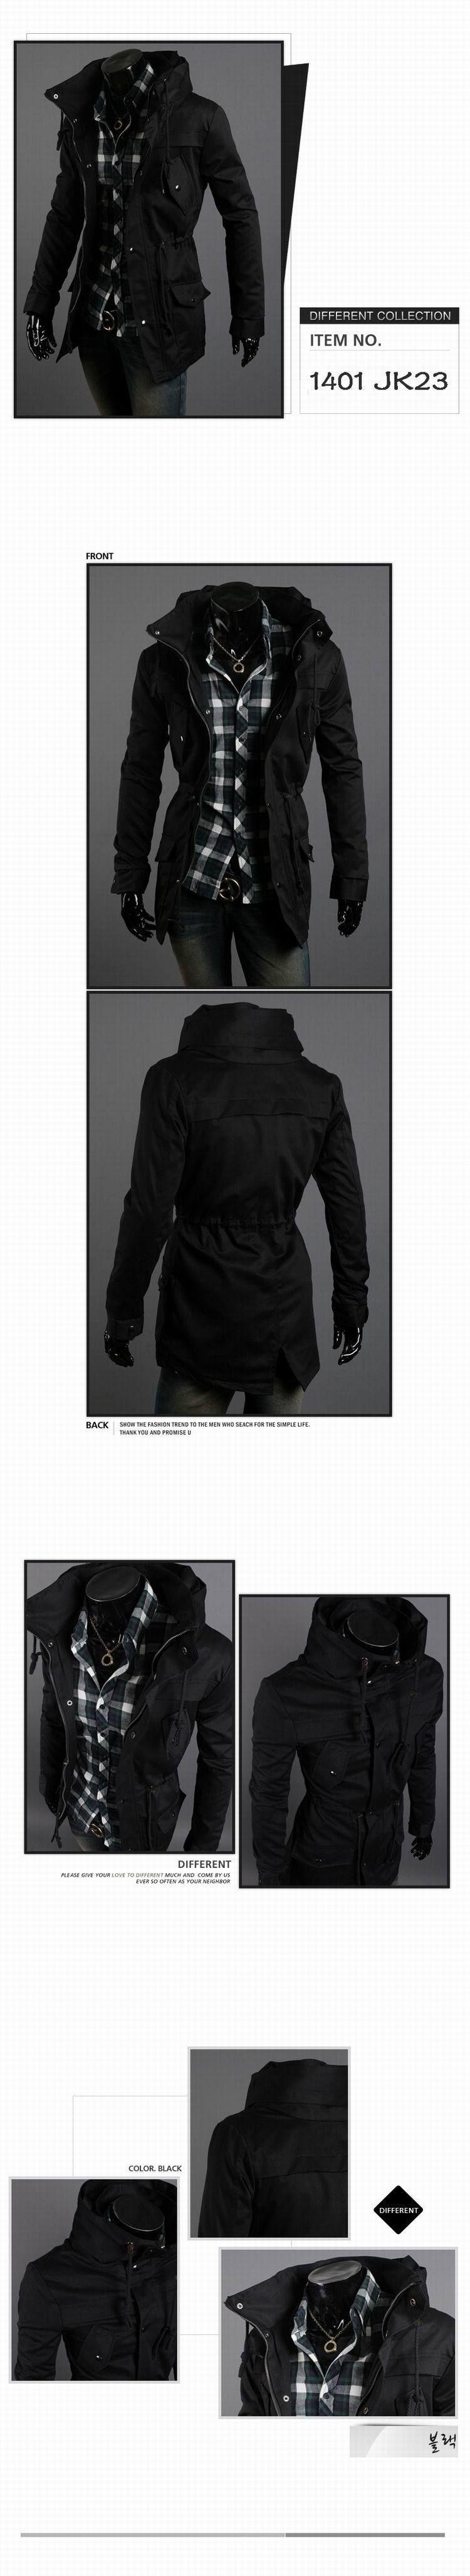 2018 nouveau homme métrosexuel Double un commerce extérieur solide blazer hommes veste à manches longues femmes manteau NZ46